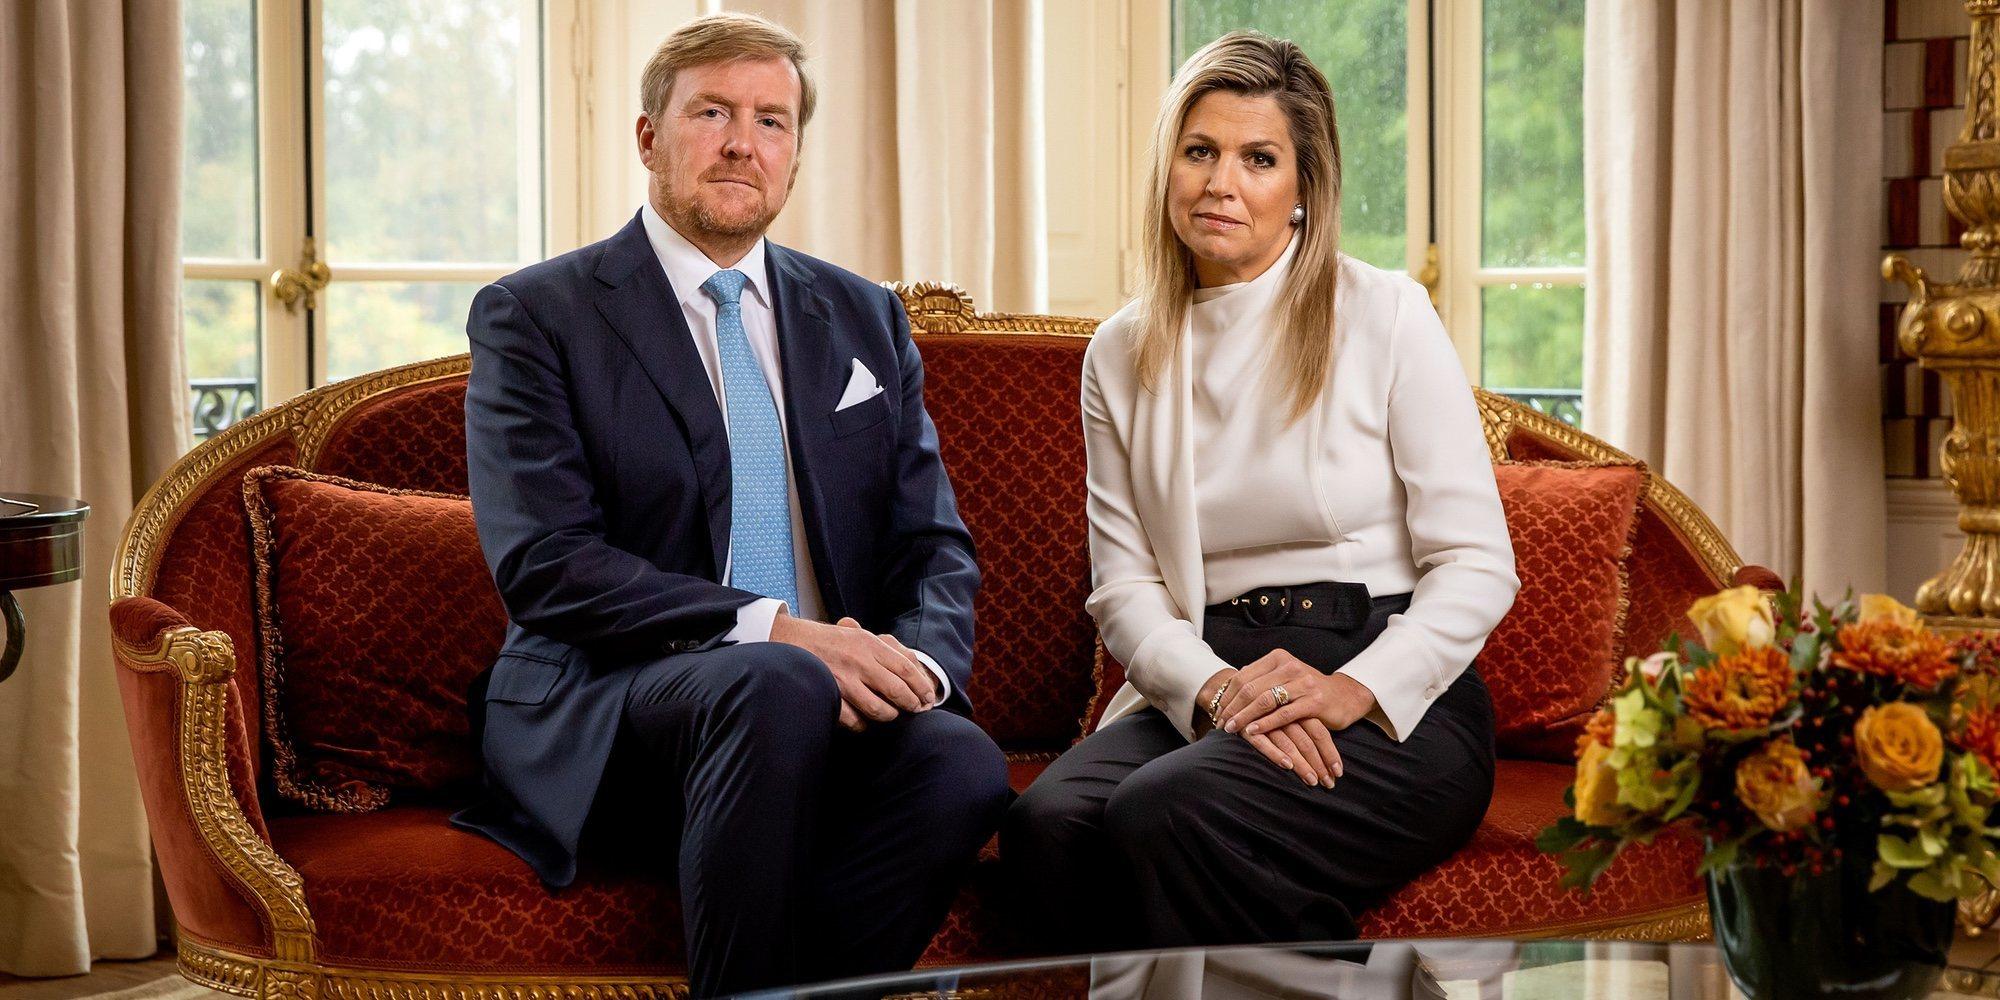 Problemas para Guillermo Alejandro y Máxima de Holanda: cae su popularidad tras los errores cometidos durante la pandemia